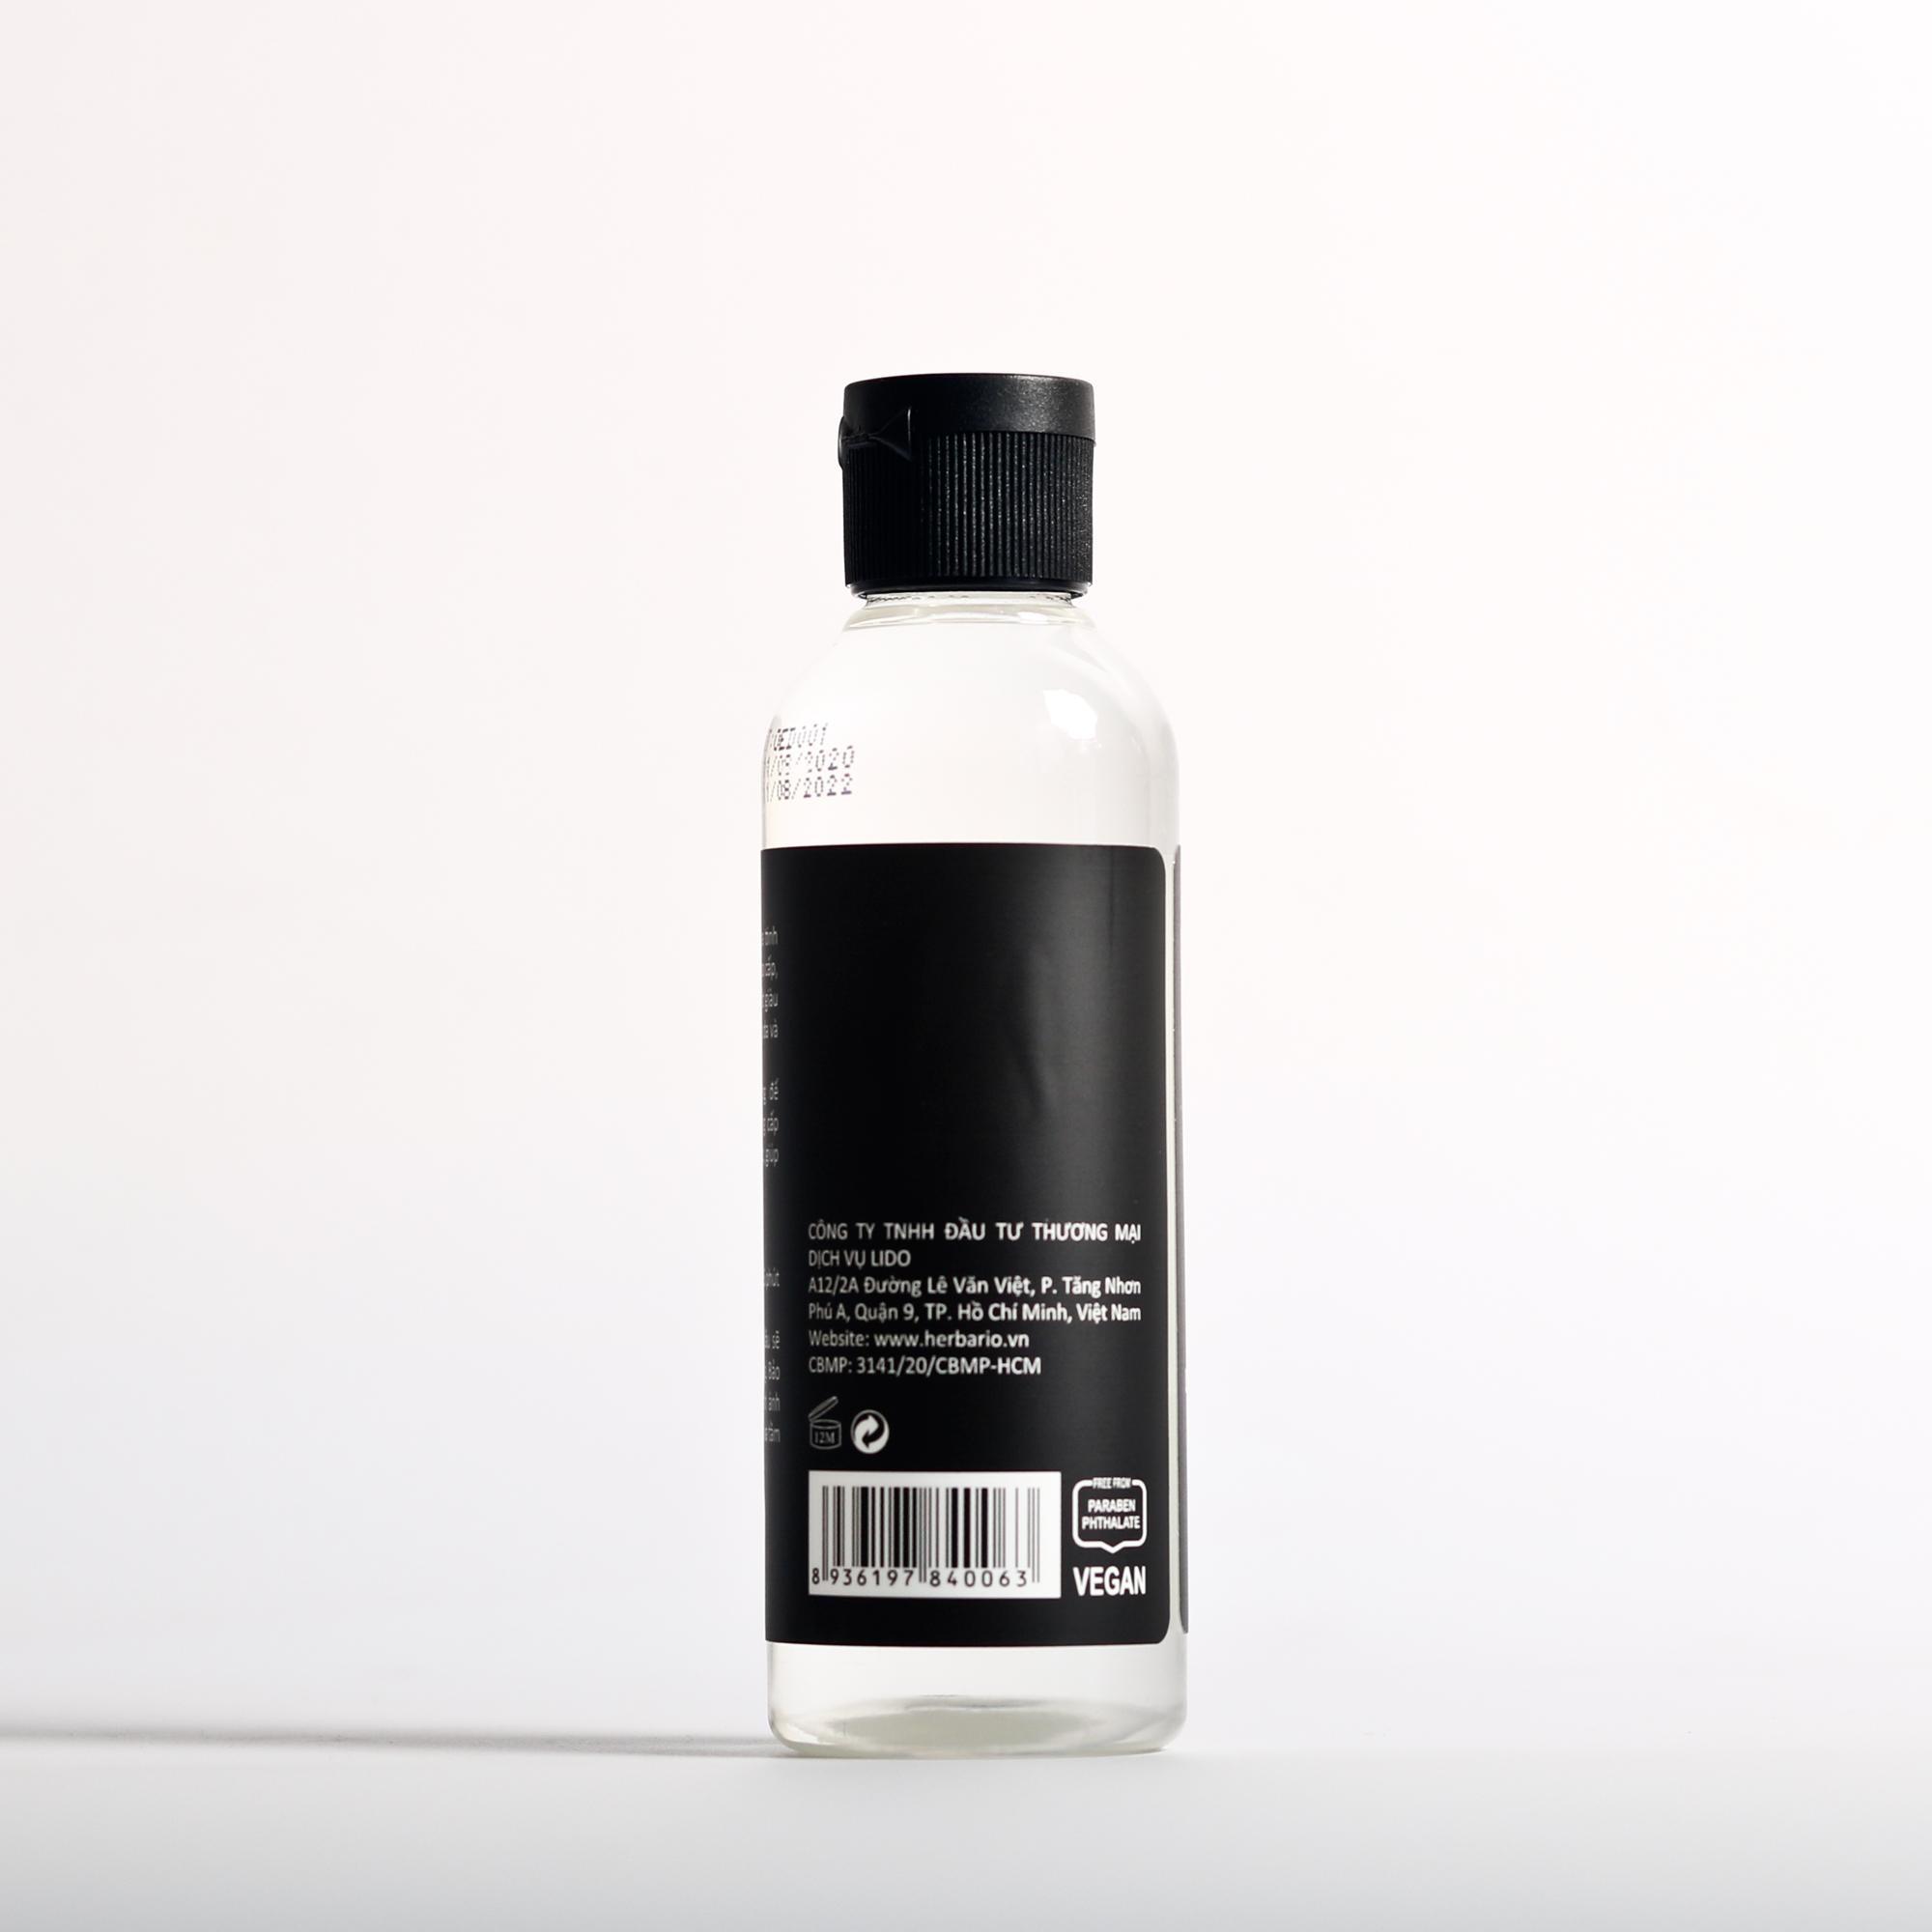 Dầu dừa tinh khiết ép lạnh herbario 110ml nguyên chất dưỡng da, dưỡng tóc thuần chay (Cocos Nucifera Oil)